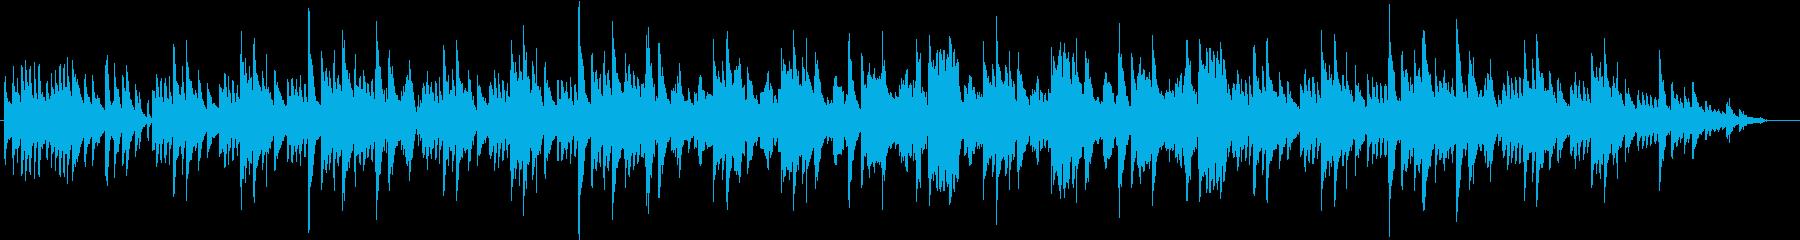 リラックスしたボサノバ調の再生済みの波形